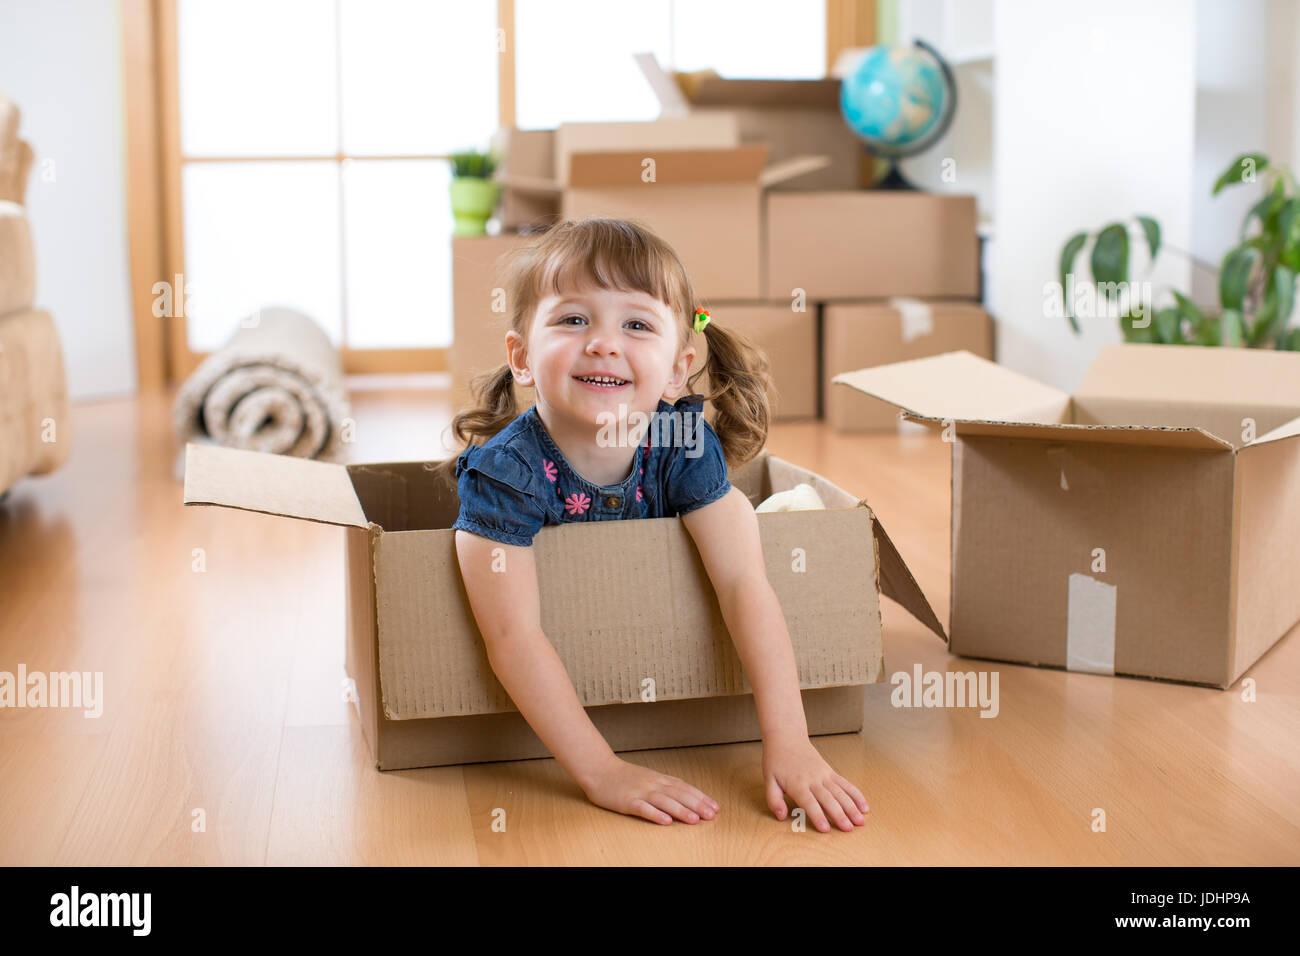 Acaba de mudarse a una nueva casa. Niño en caja de cartón. Foto de stock